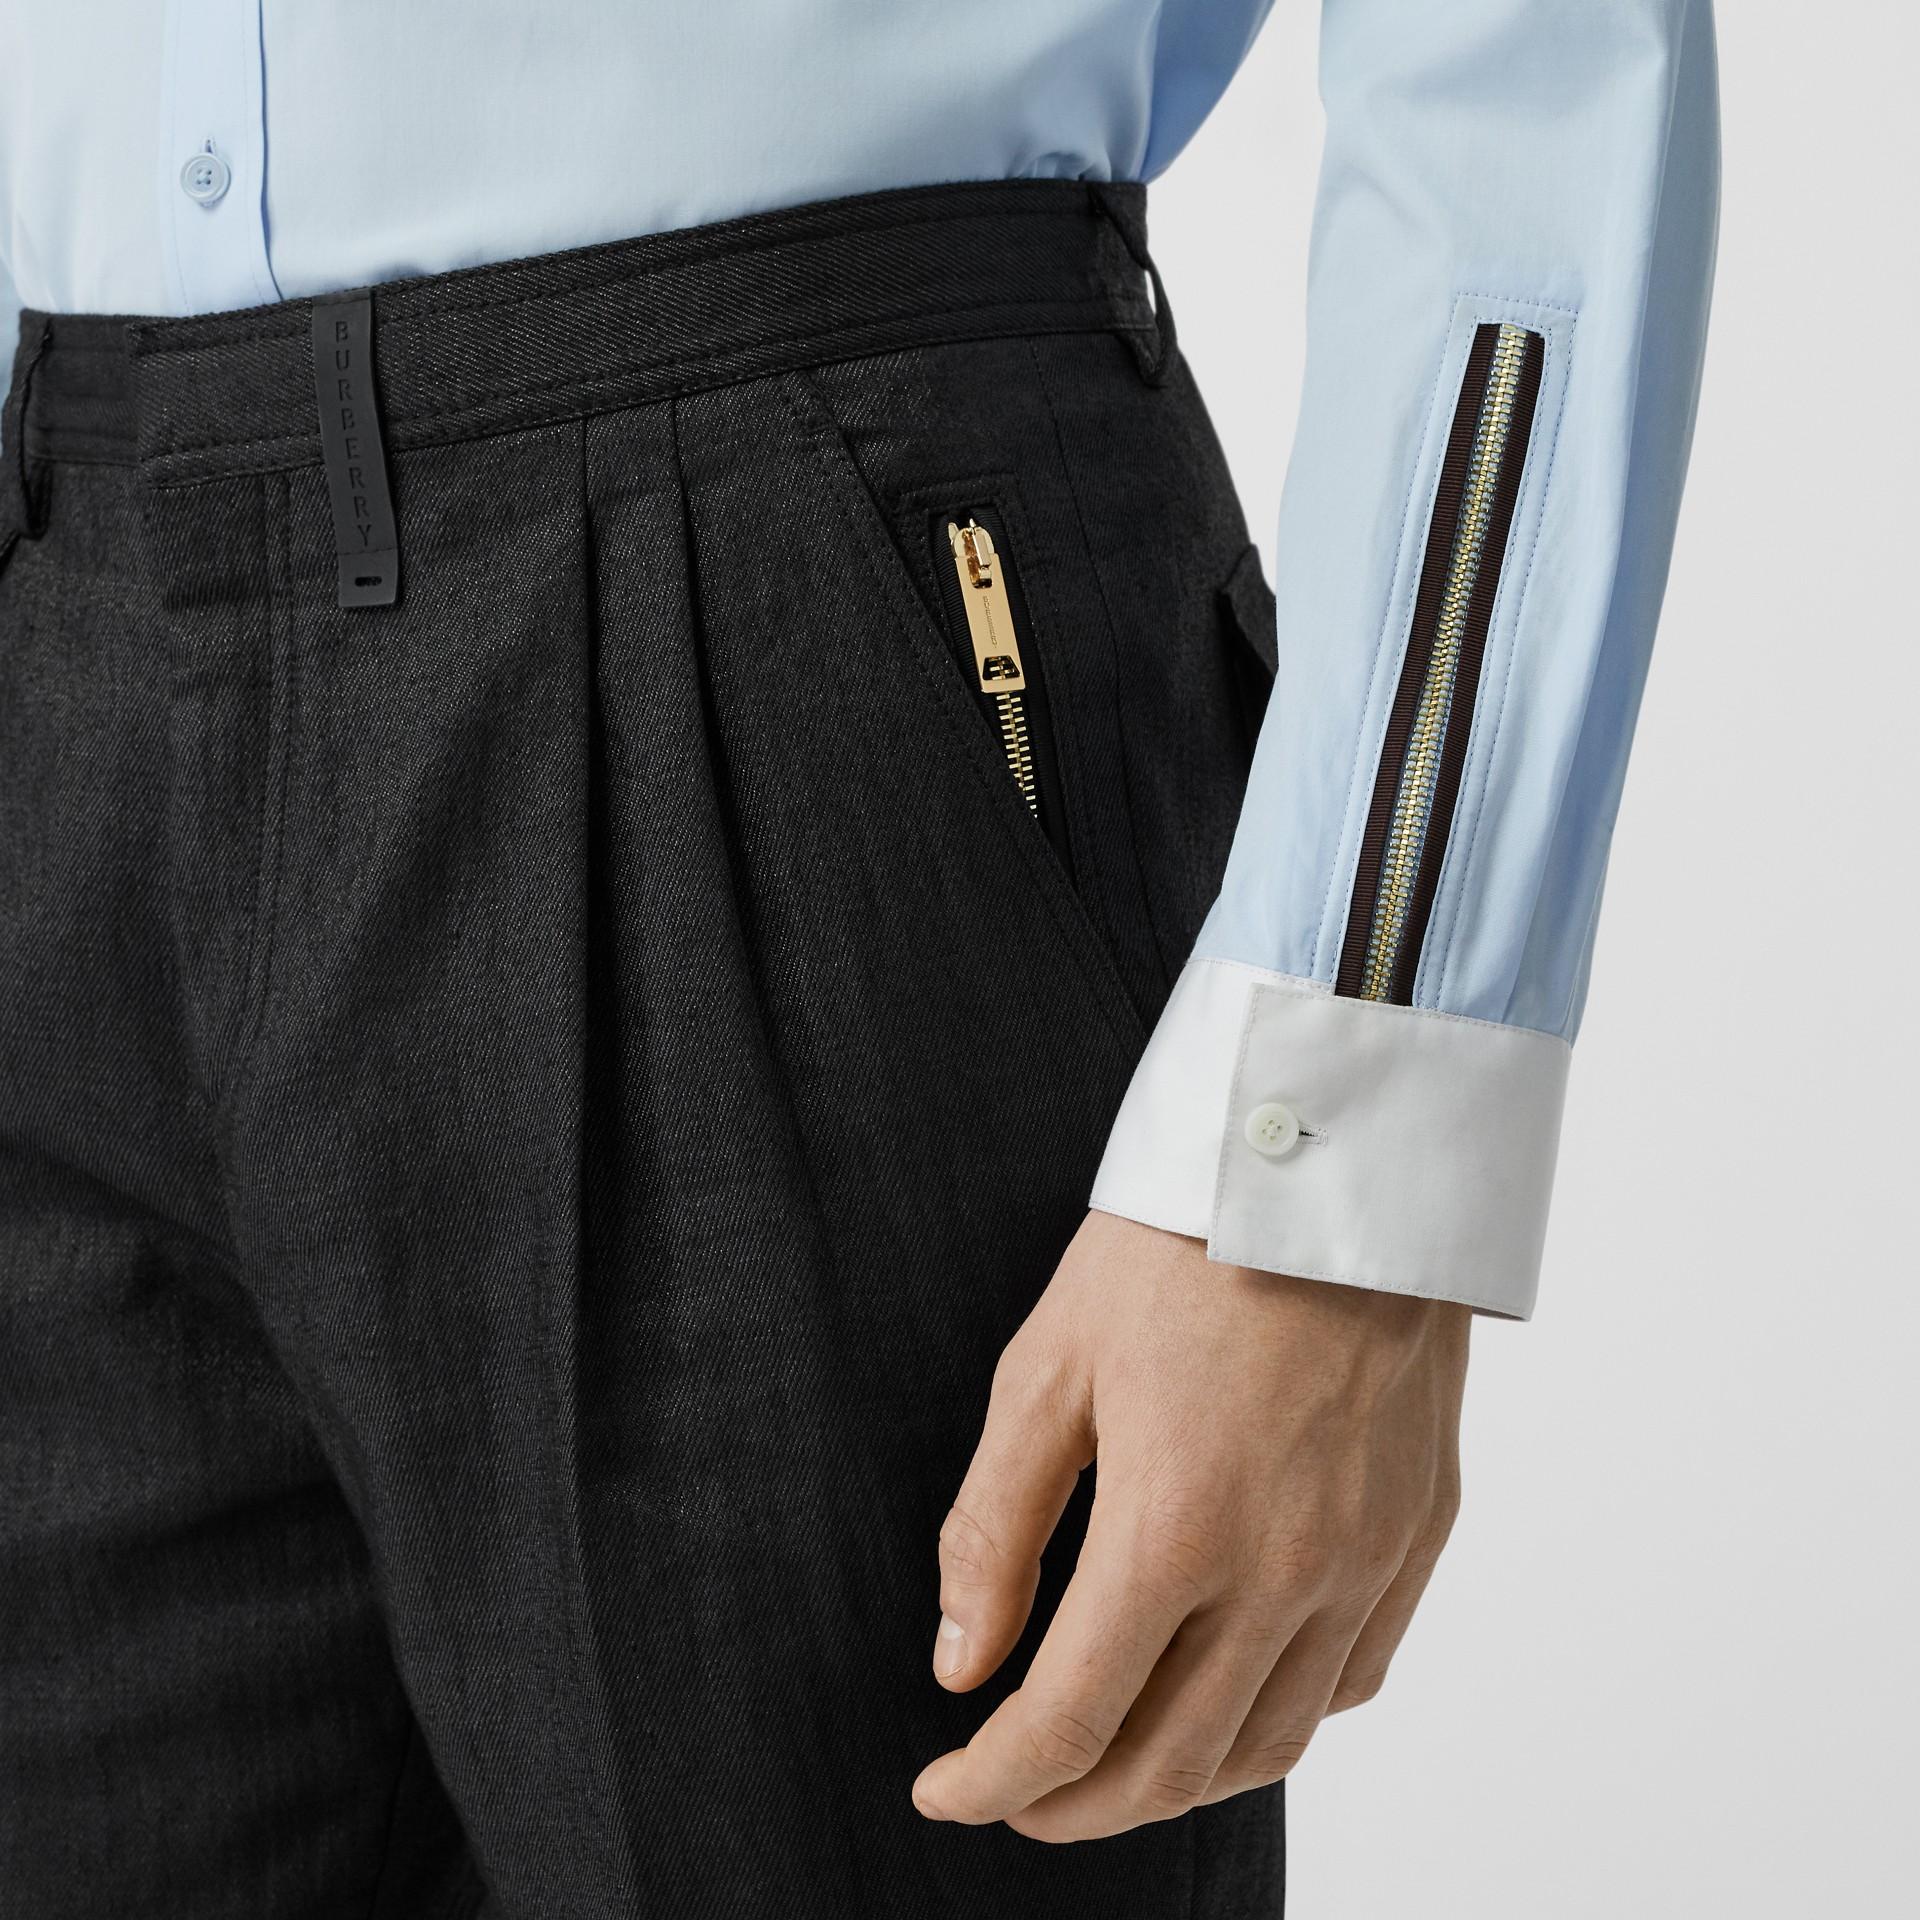 Pantalon plissé en lin mélangé avec zip (Noir) - Homme | Burberry - photo de la galerie 5